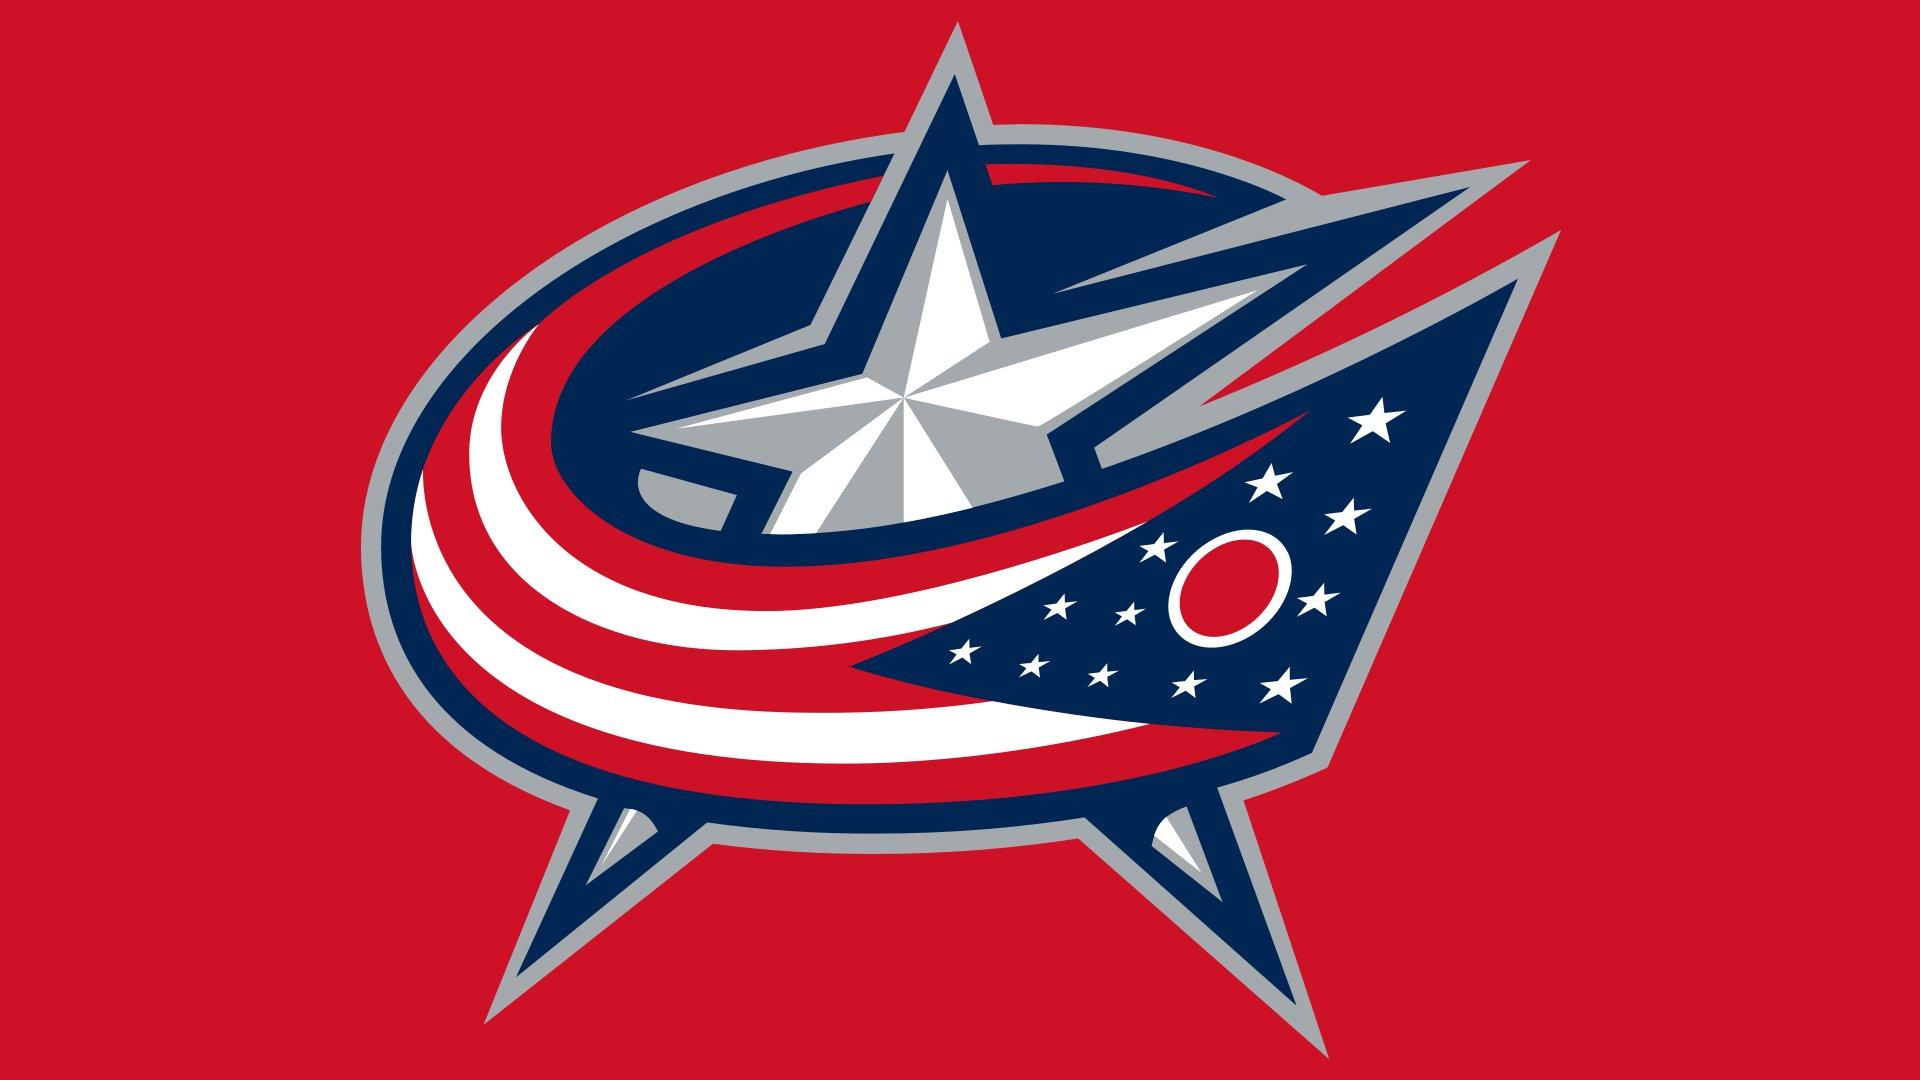 Columbus Blue Jackets Emblem on Pantone Color Scheme